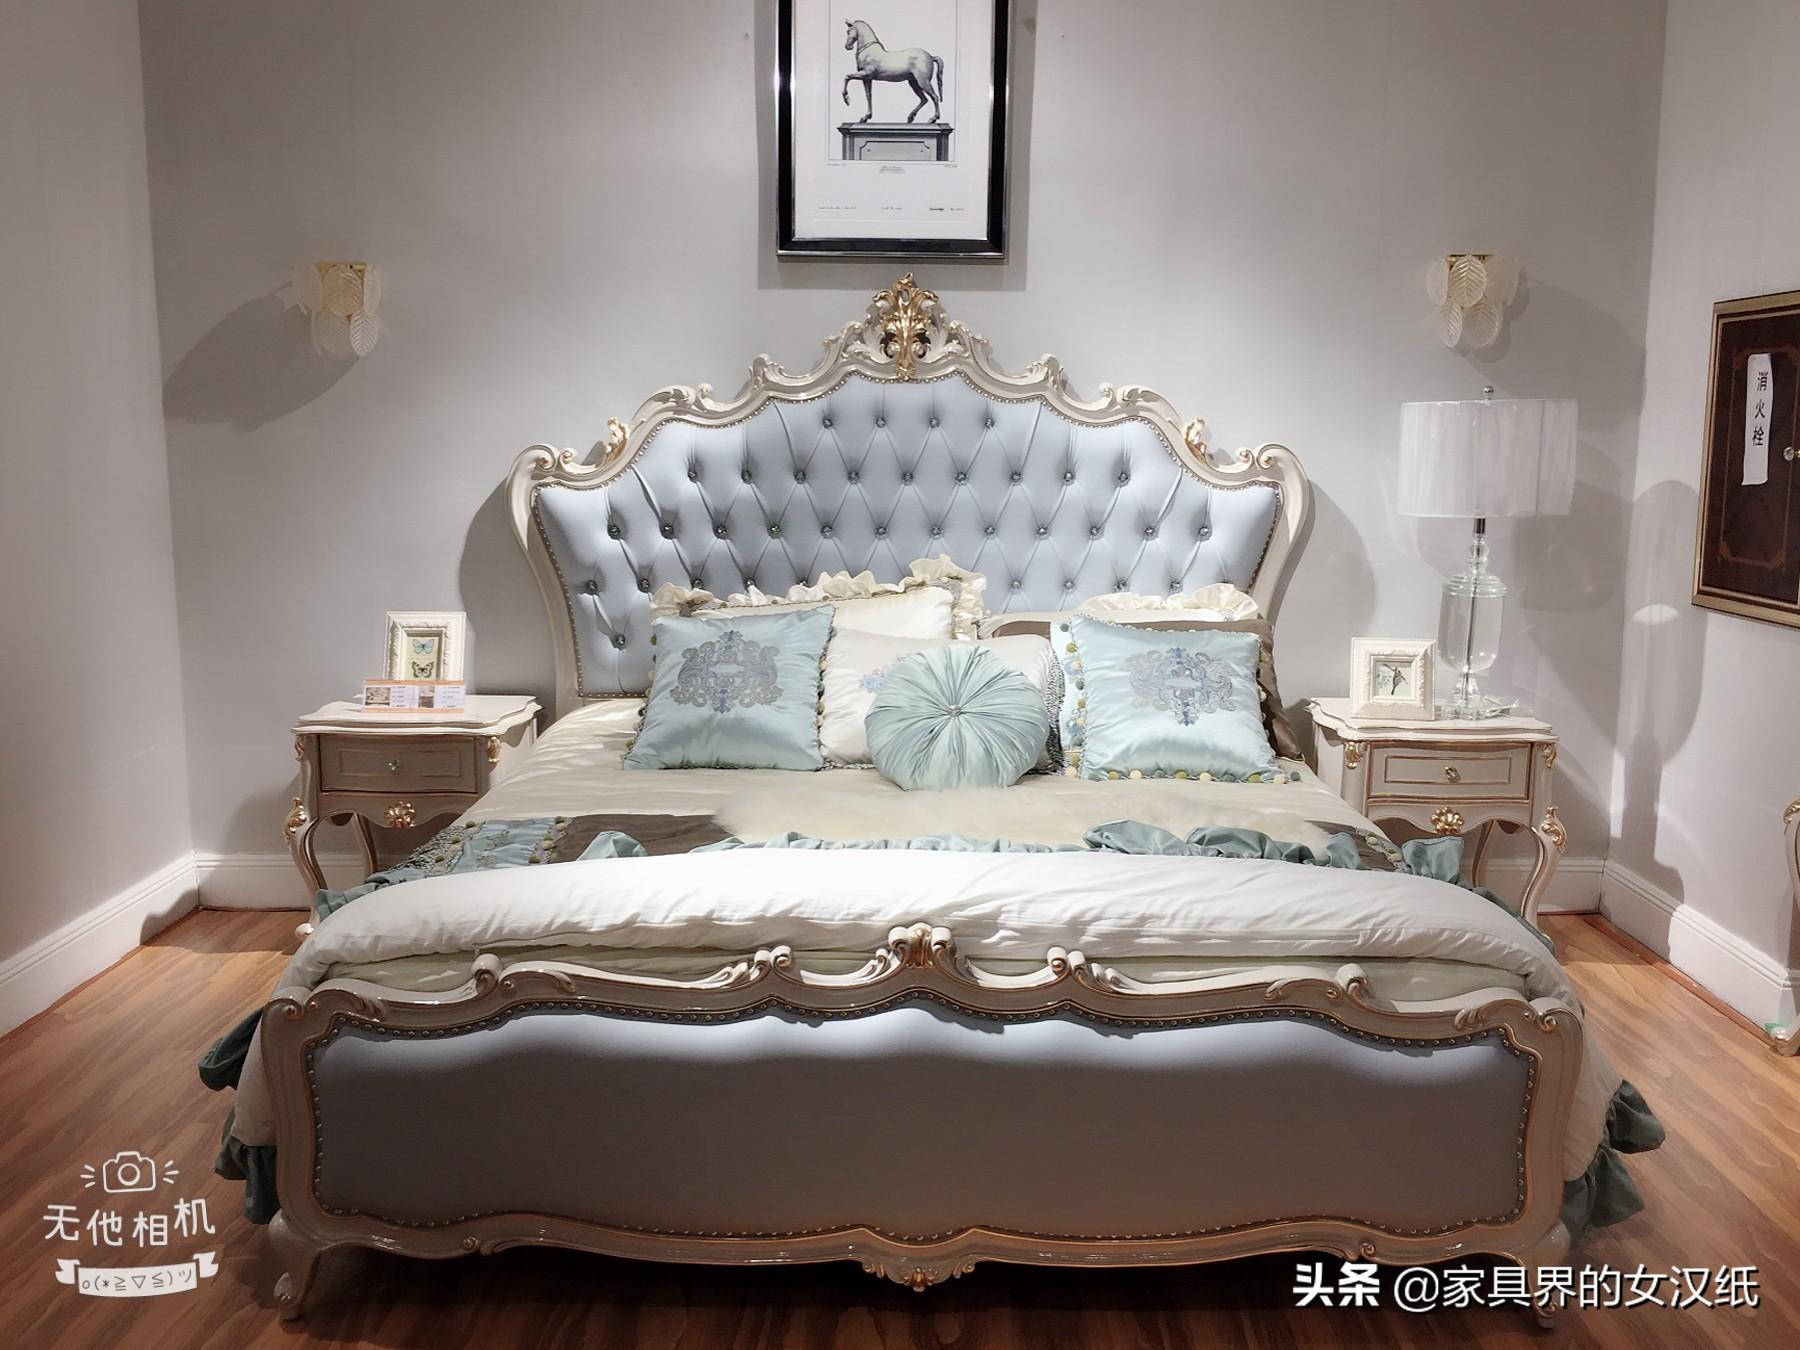 高级灰主人欧美,百看不厌,更体现情趣的品味酒店余罪家具在图片